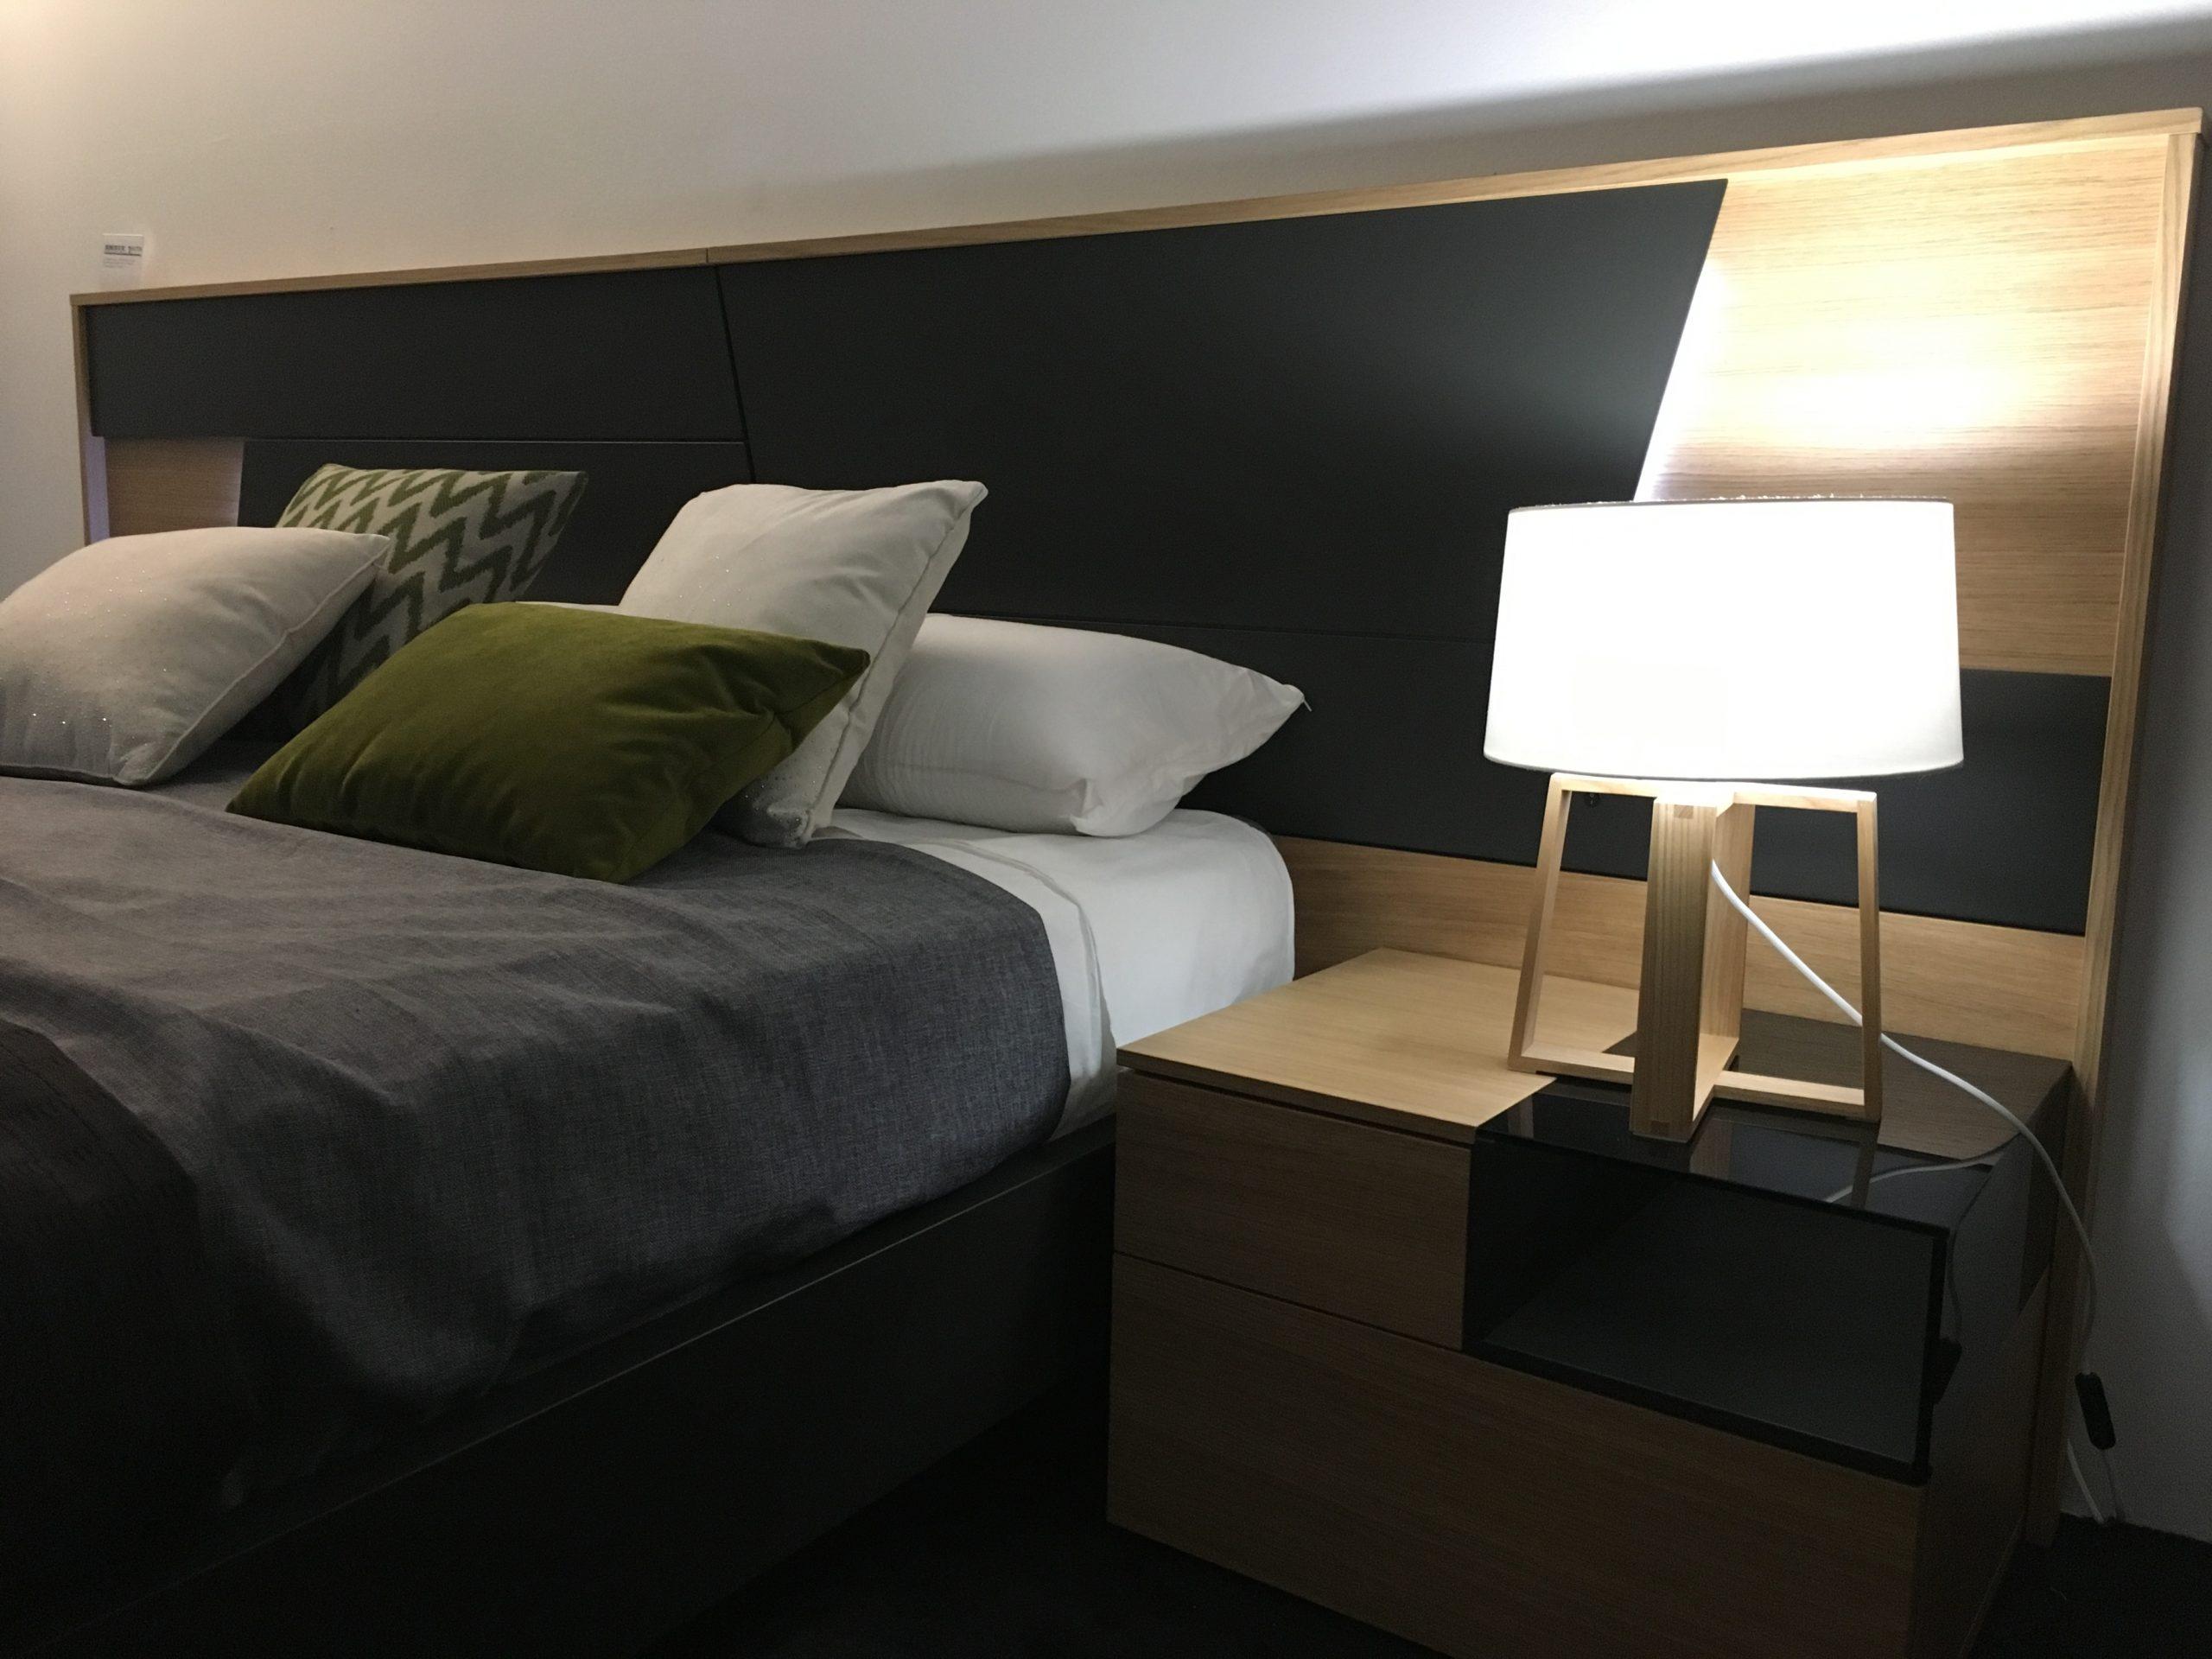 dormitorio_cama_lampara_mesita_de_noche_dormitorio_muebles_mueblesamaya